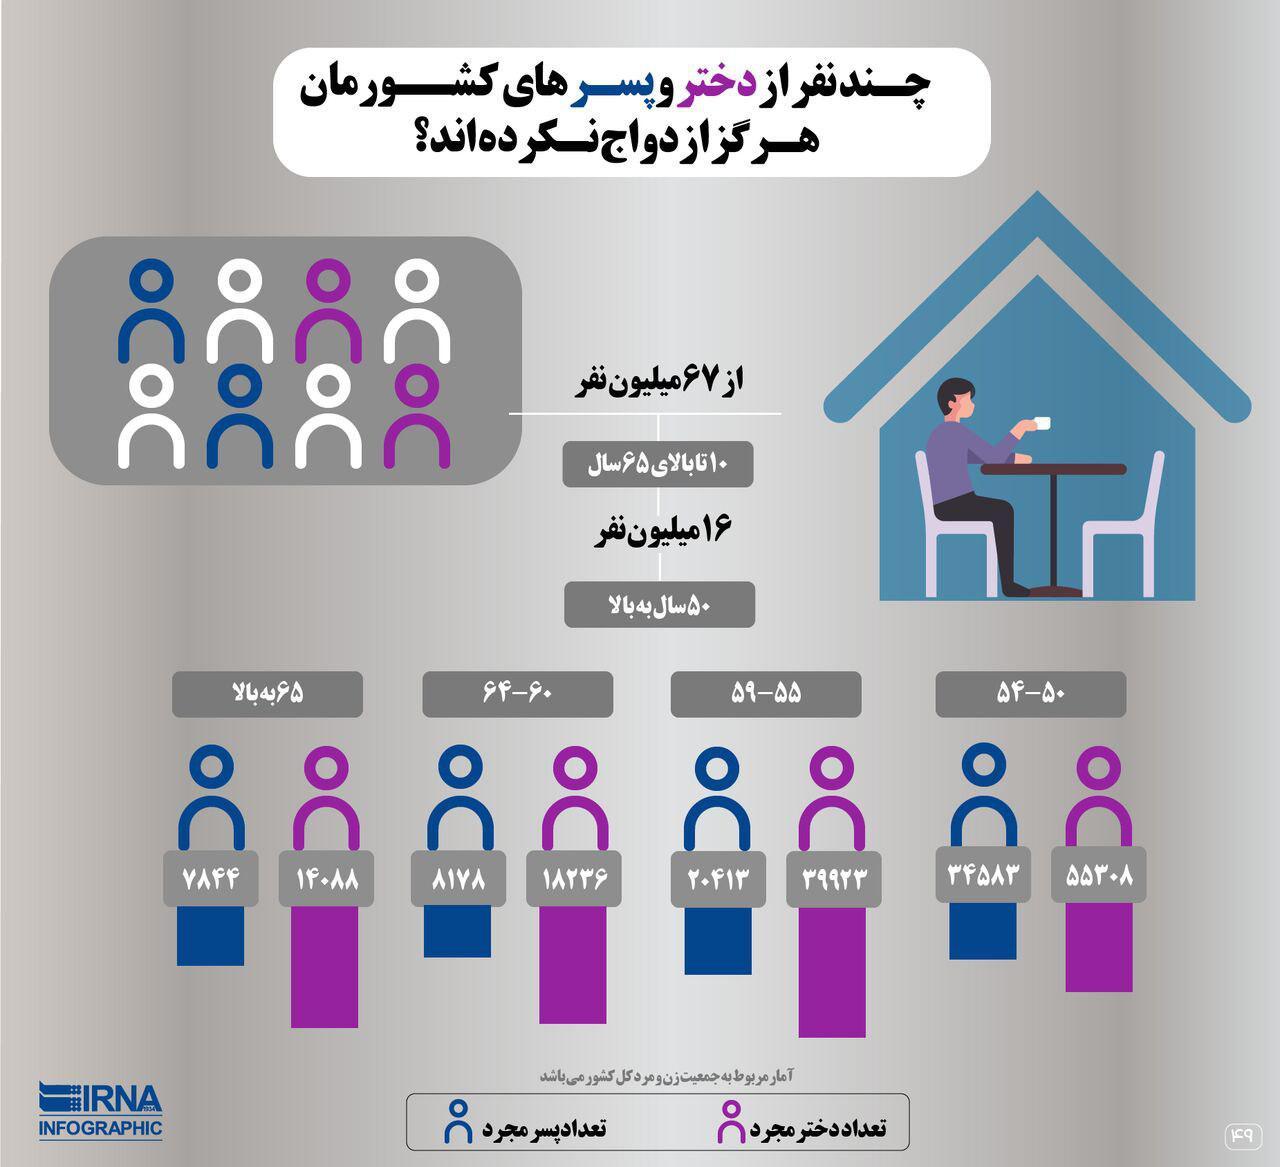 چه تعداد دختر و پسر ایرانی هرگز ازدواج نکردهاند؟